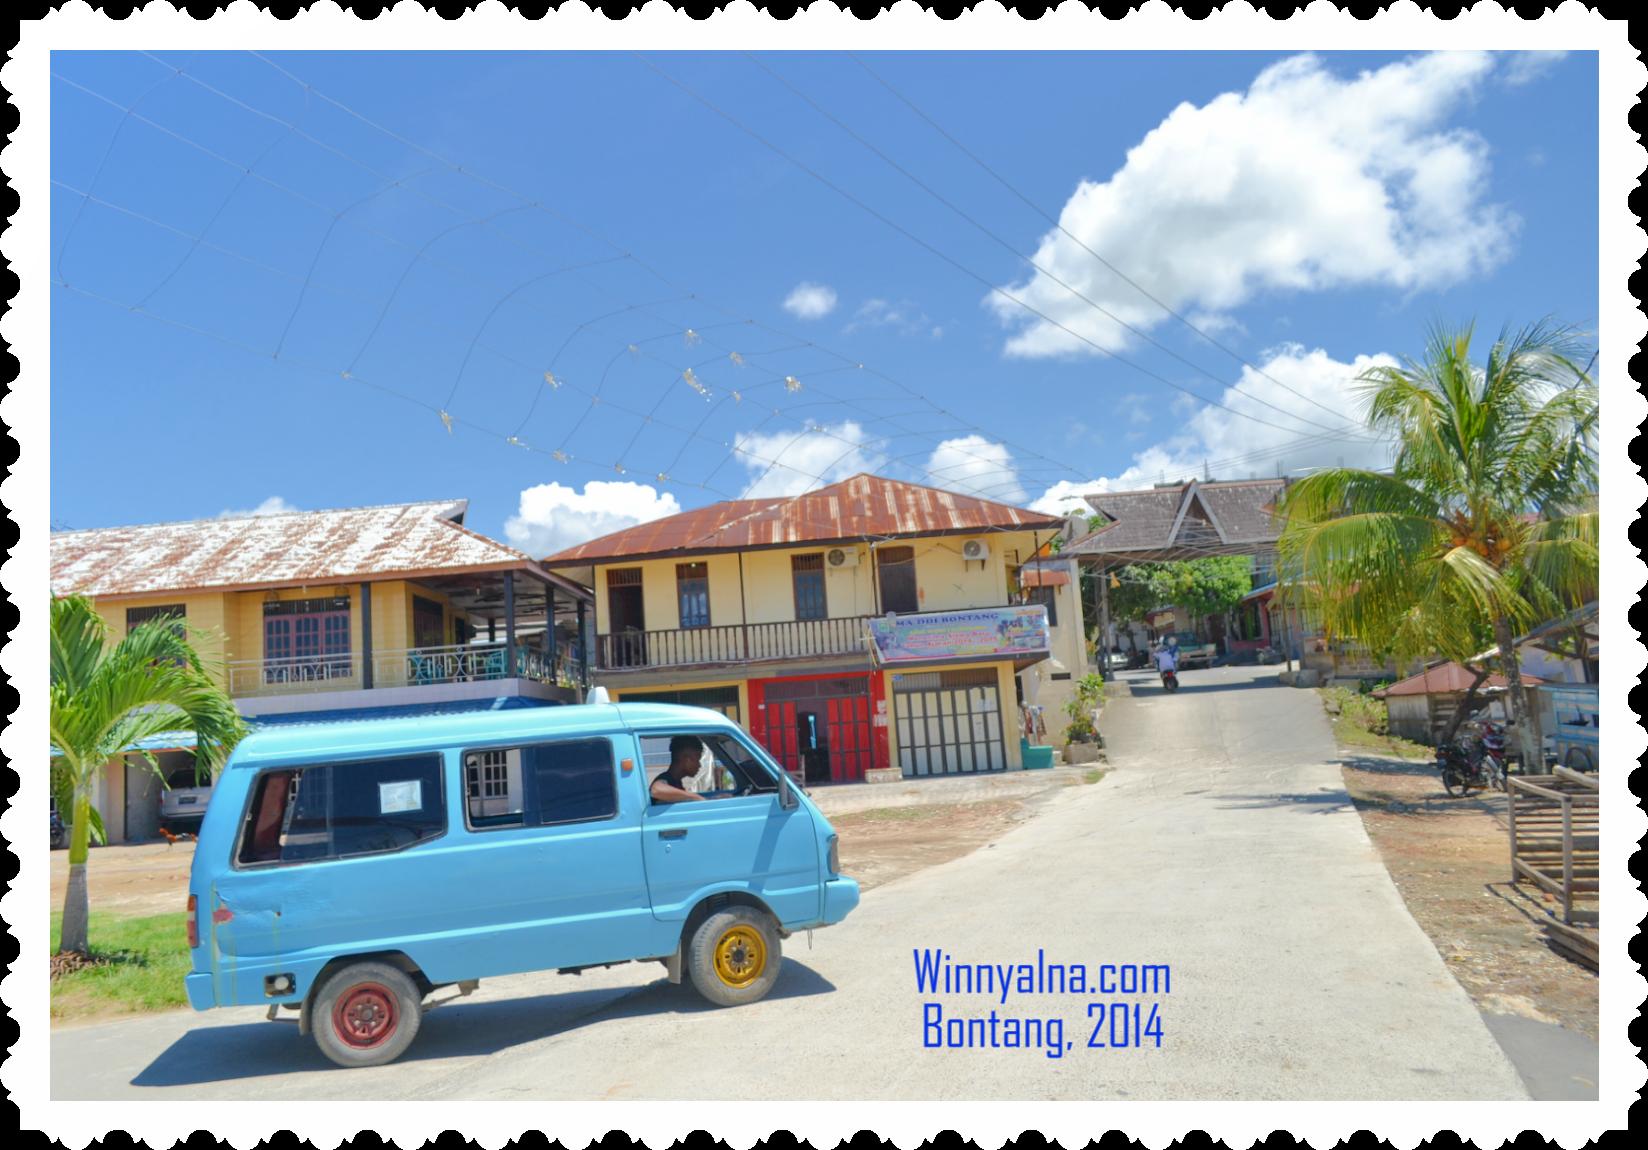 Bontang Indonesia  city photos gallery : Bontang Kalimantan Timur Indonesia Taxi Bontang Kalimantan Timur